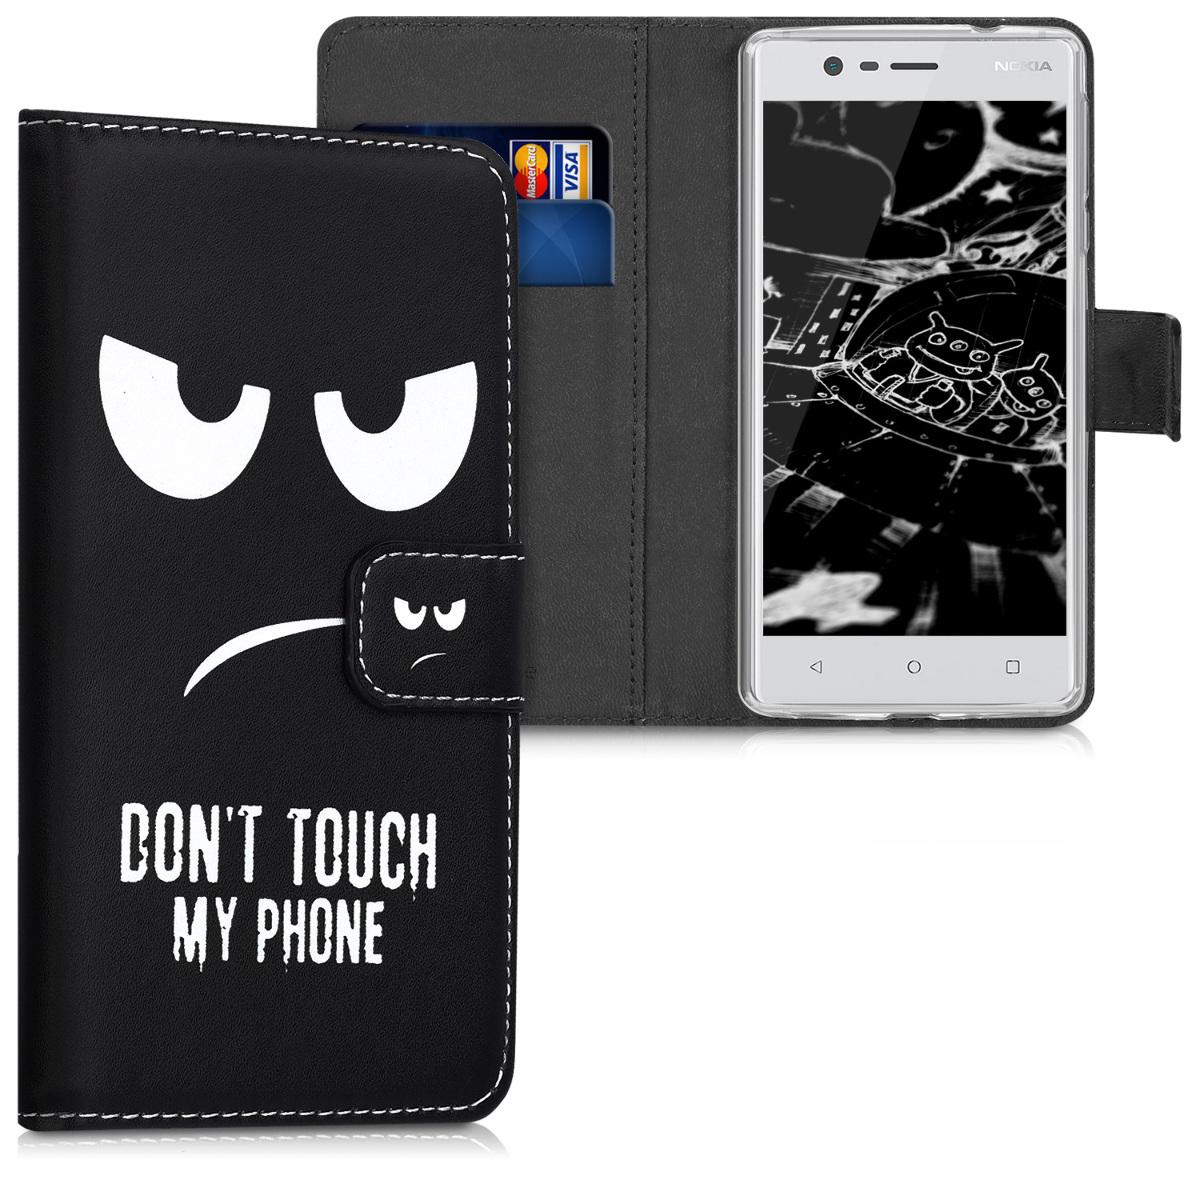 KW Θήκη - Πορτοφόλι Nokia 3 -White / Black (42663.01)